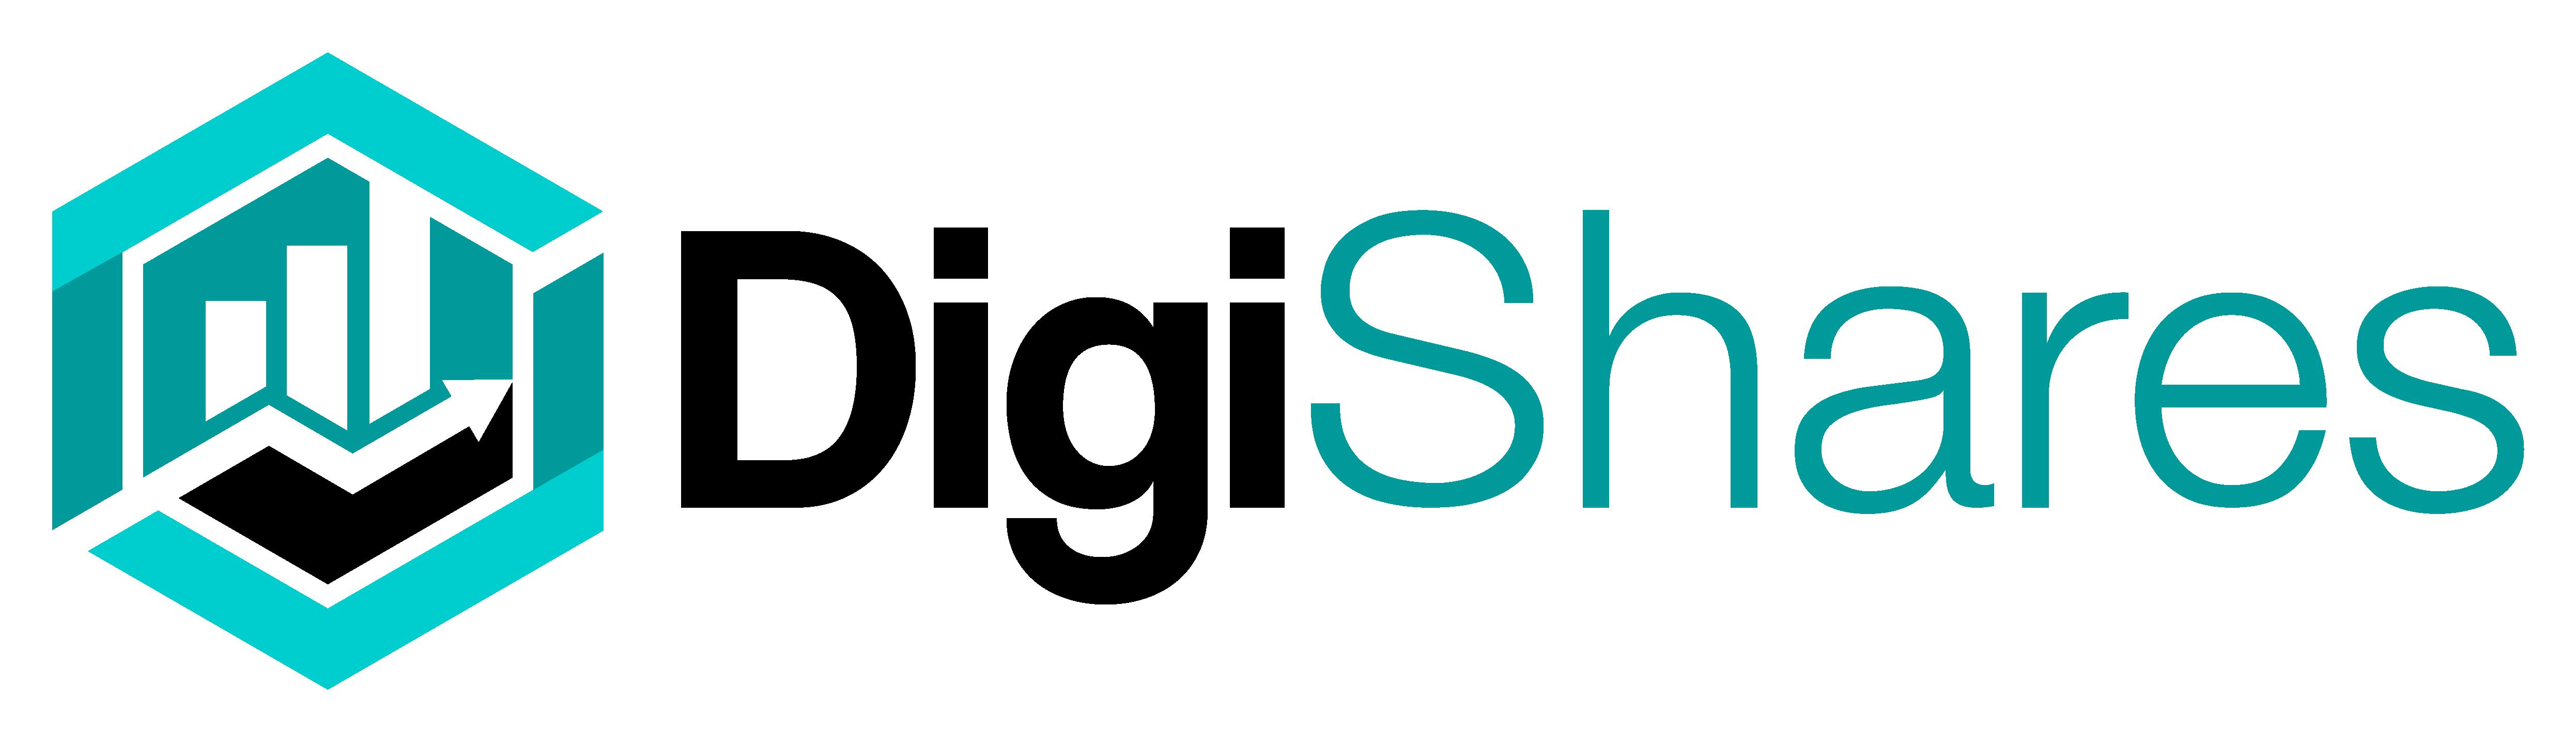 DigiShares Logo